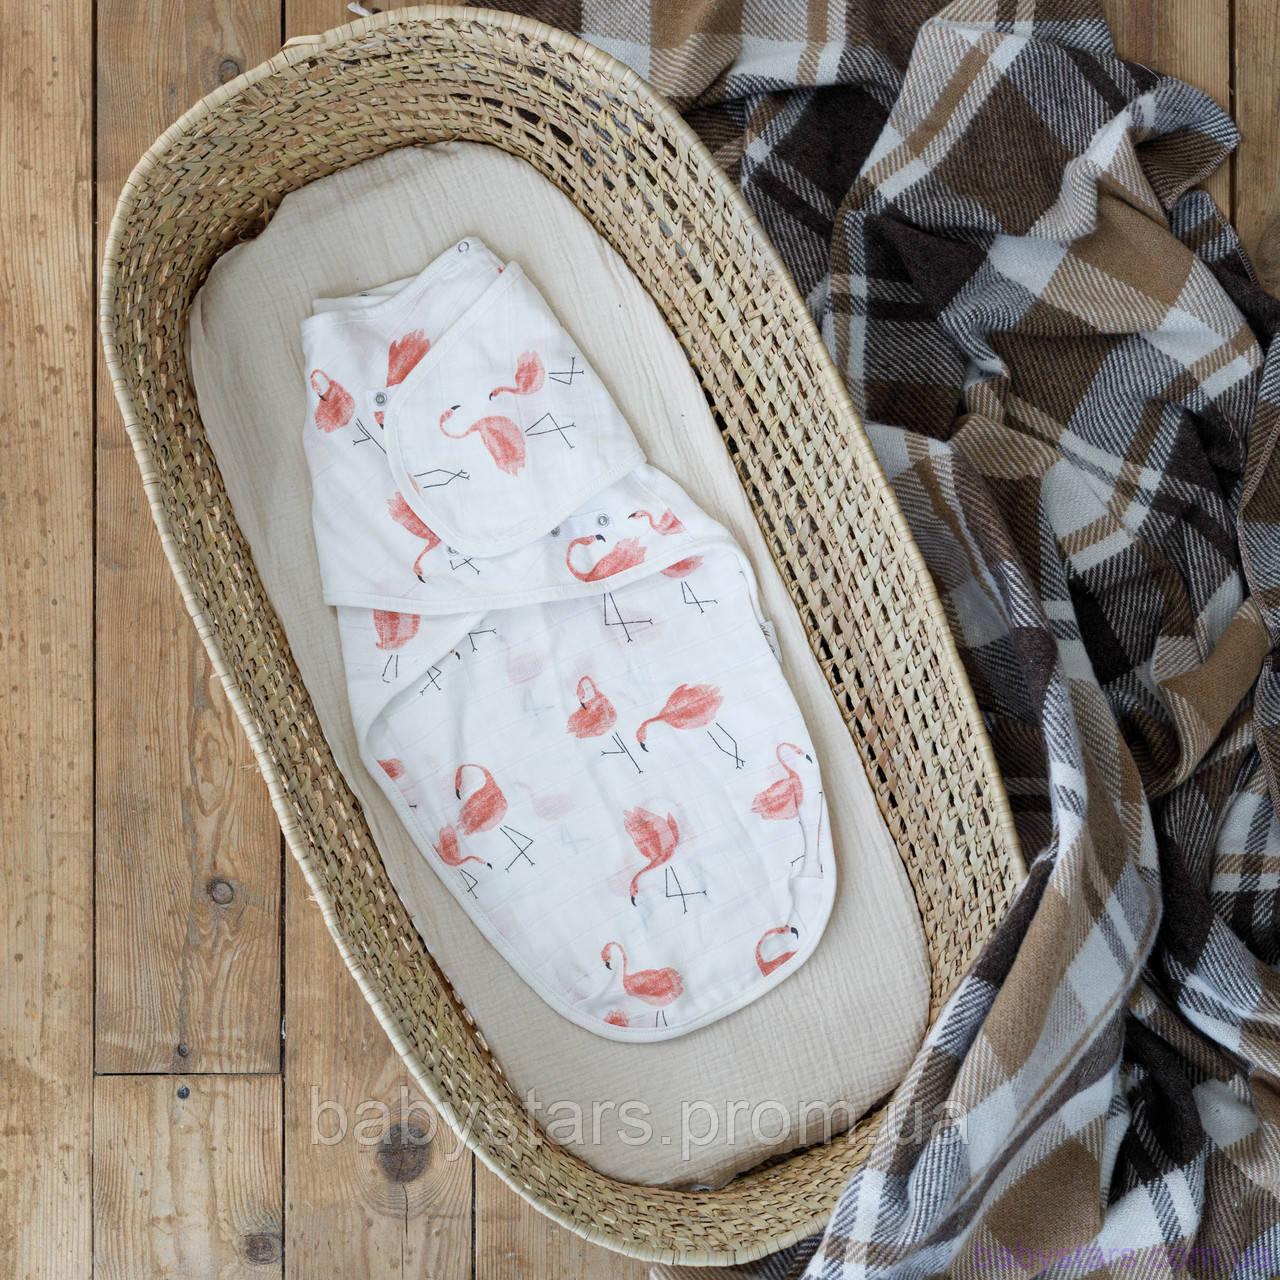 """Свивальник для младенца, муслиновая пеленка """"Фламинго"""", для детей 0-3 мес"""